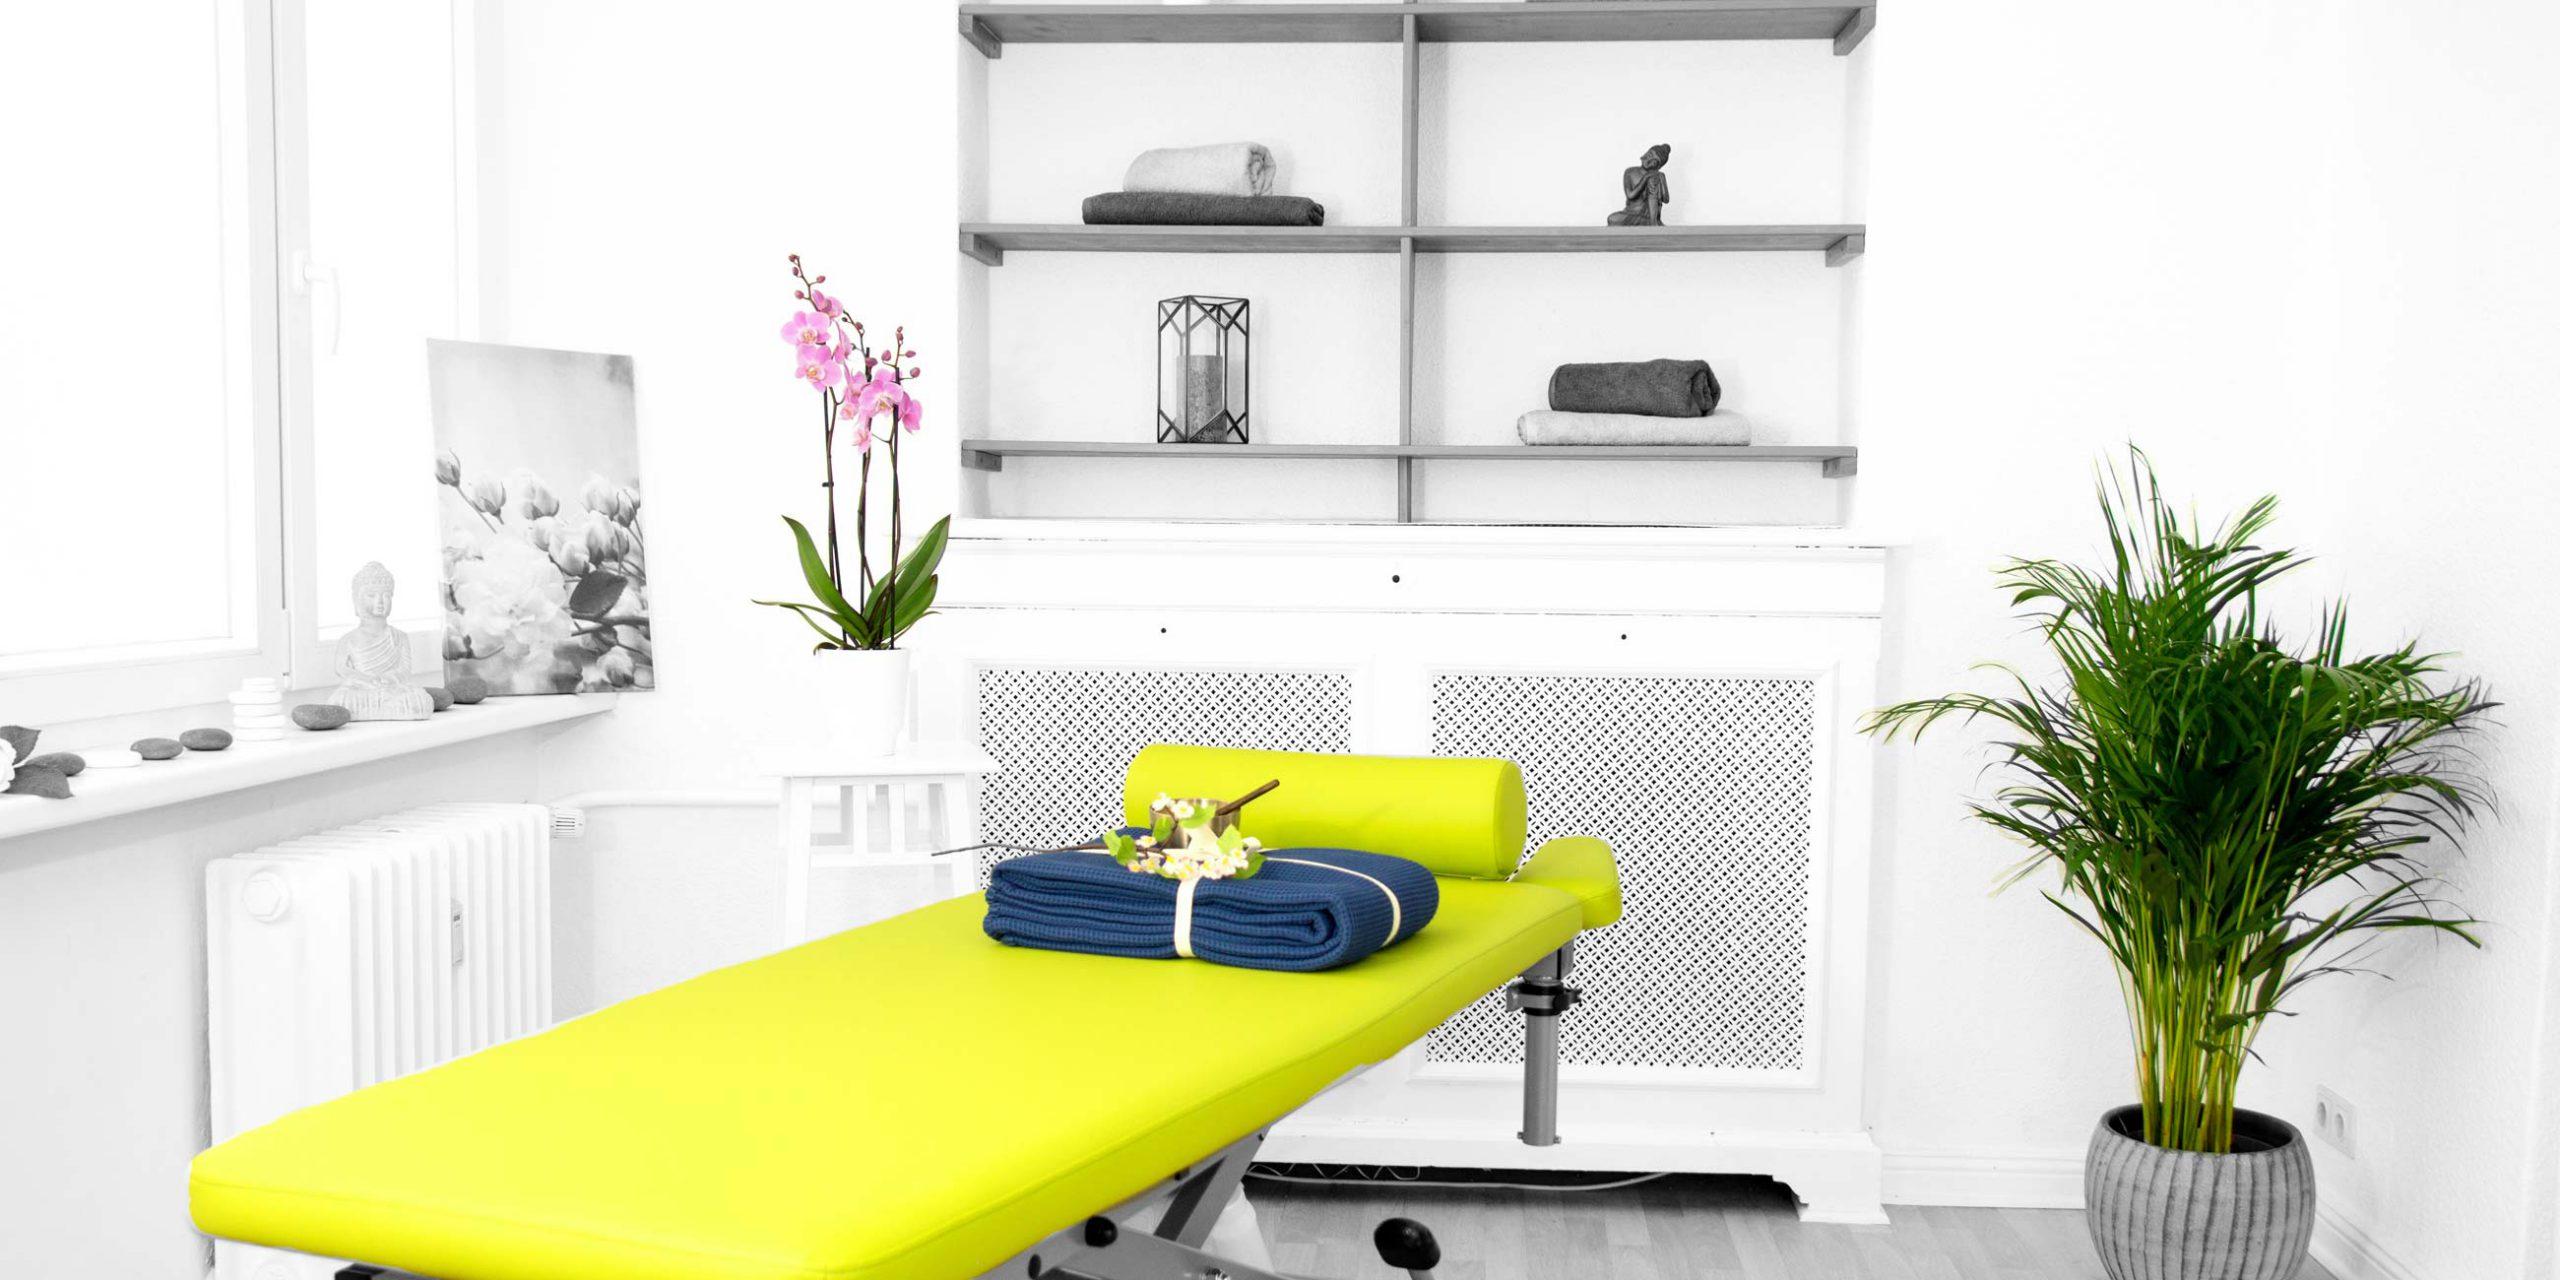 Stellenangebot | me sano | Physiotherapie | Praxis | Lichterfelde West | Angebote | Wohlbefinden | Massage